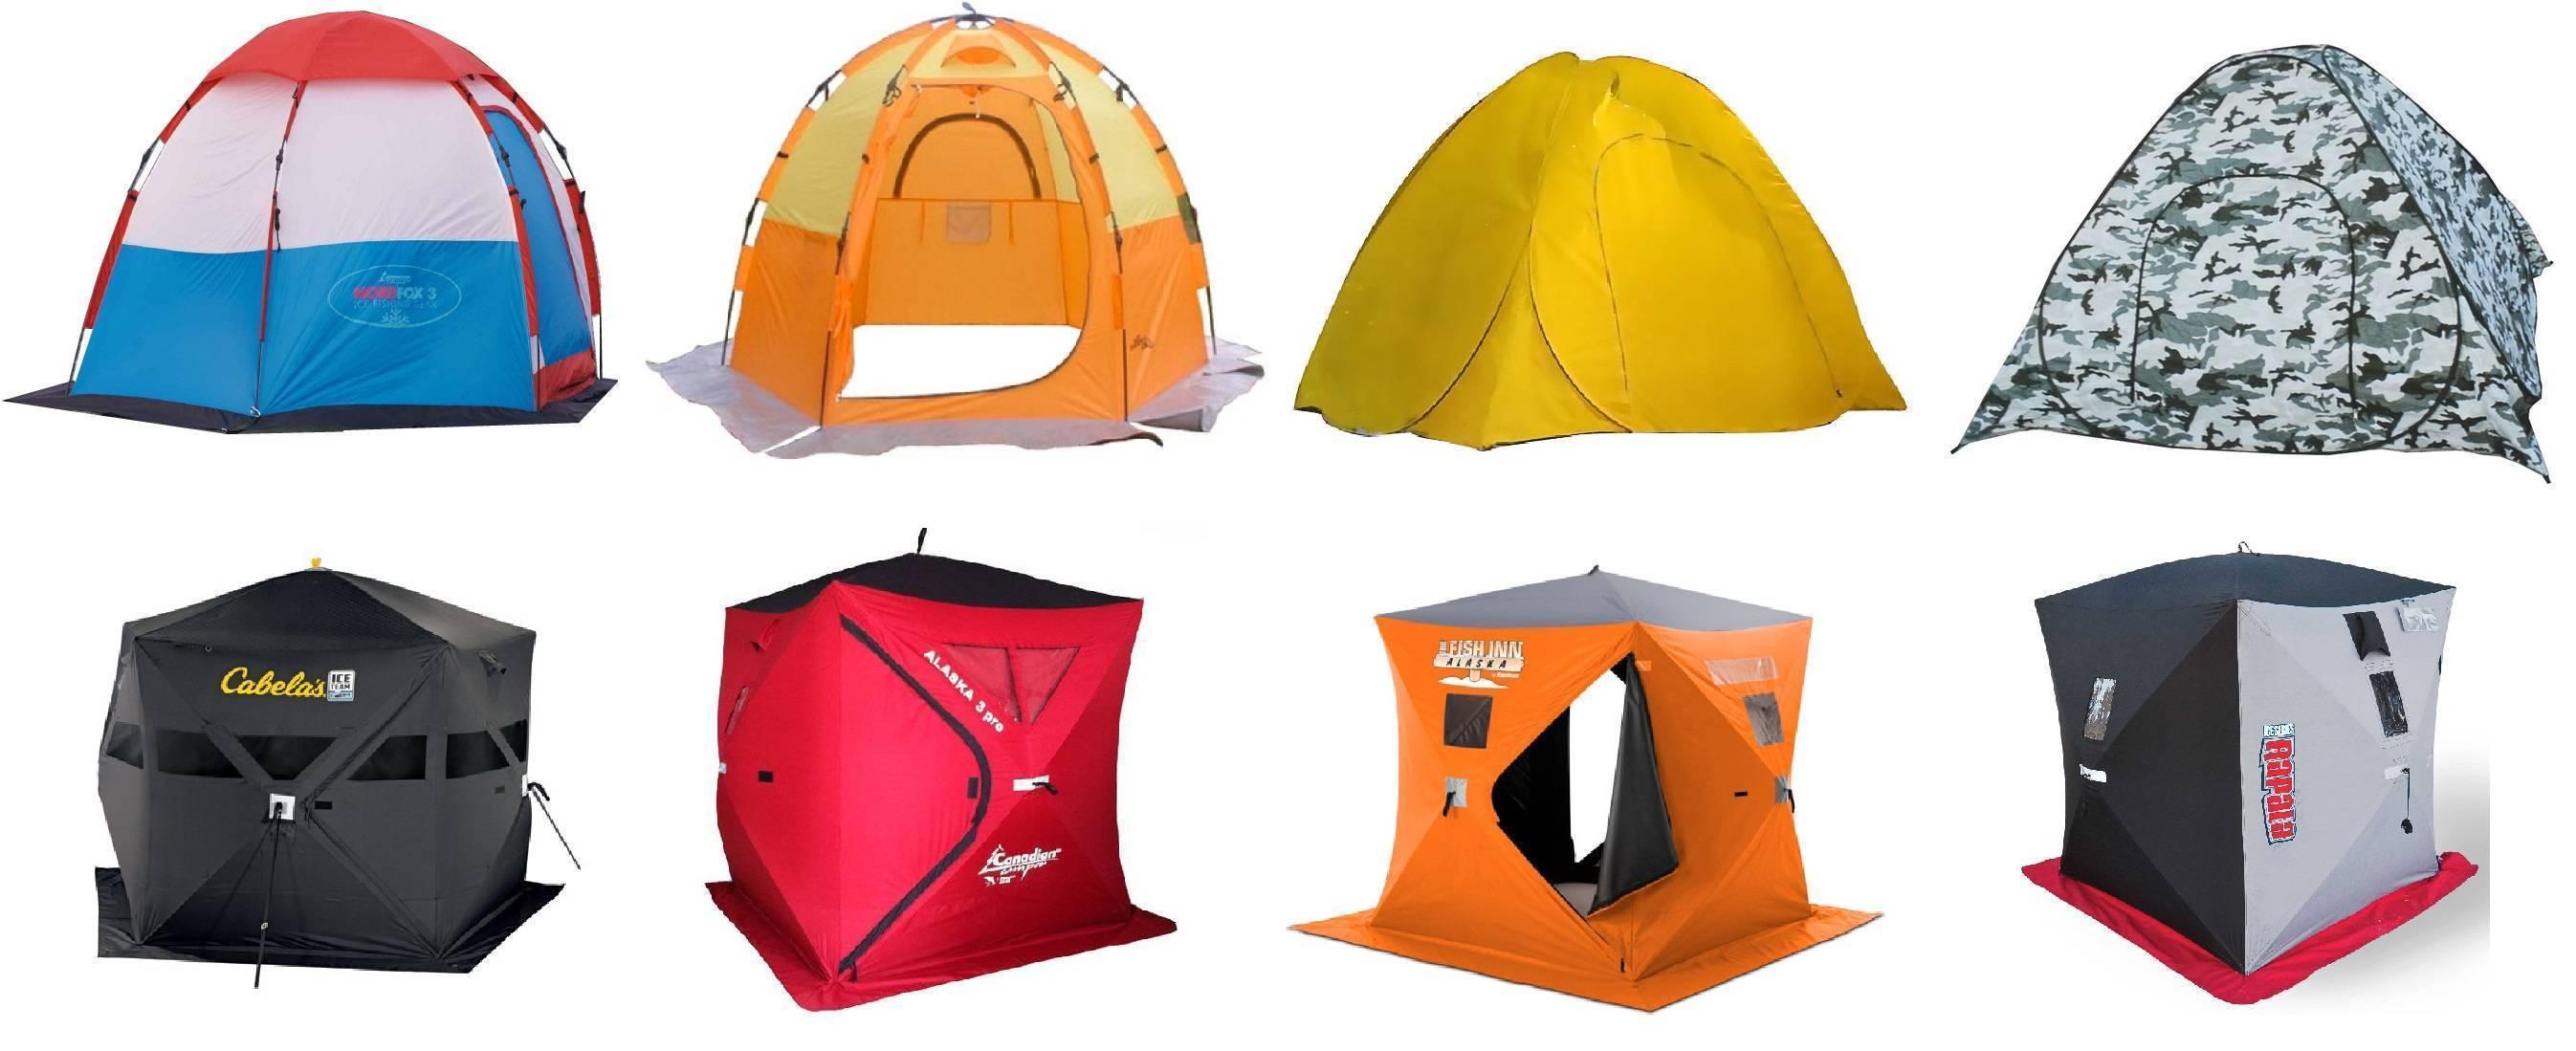 Палатка для зимней рыбалки как выбрать, на что обратить внимание • мега рыбак